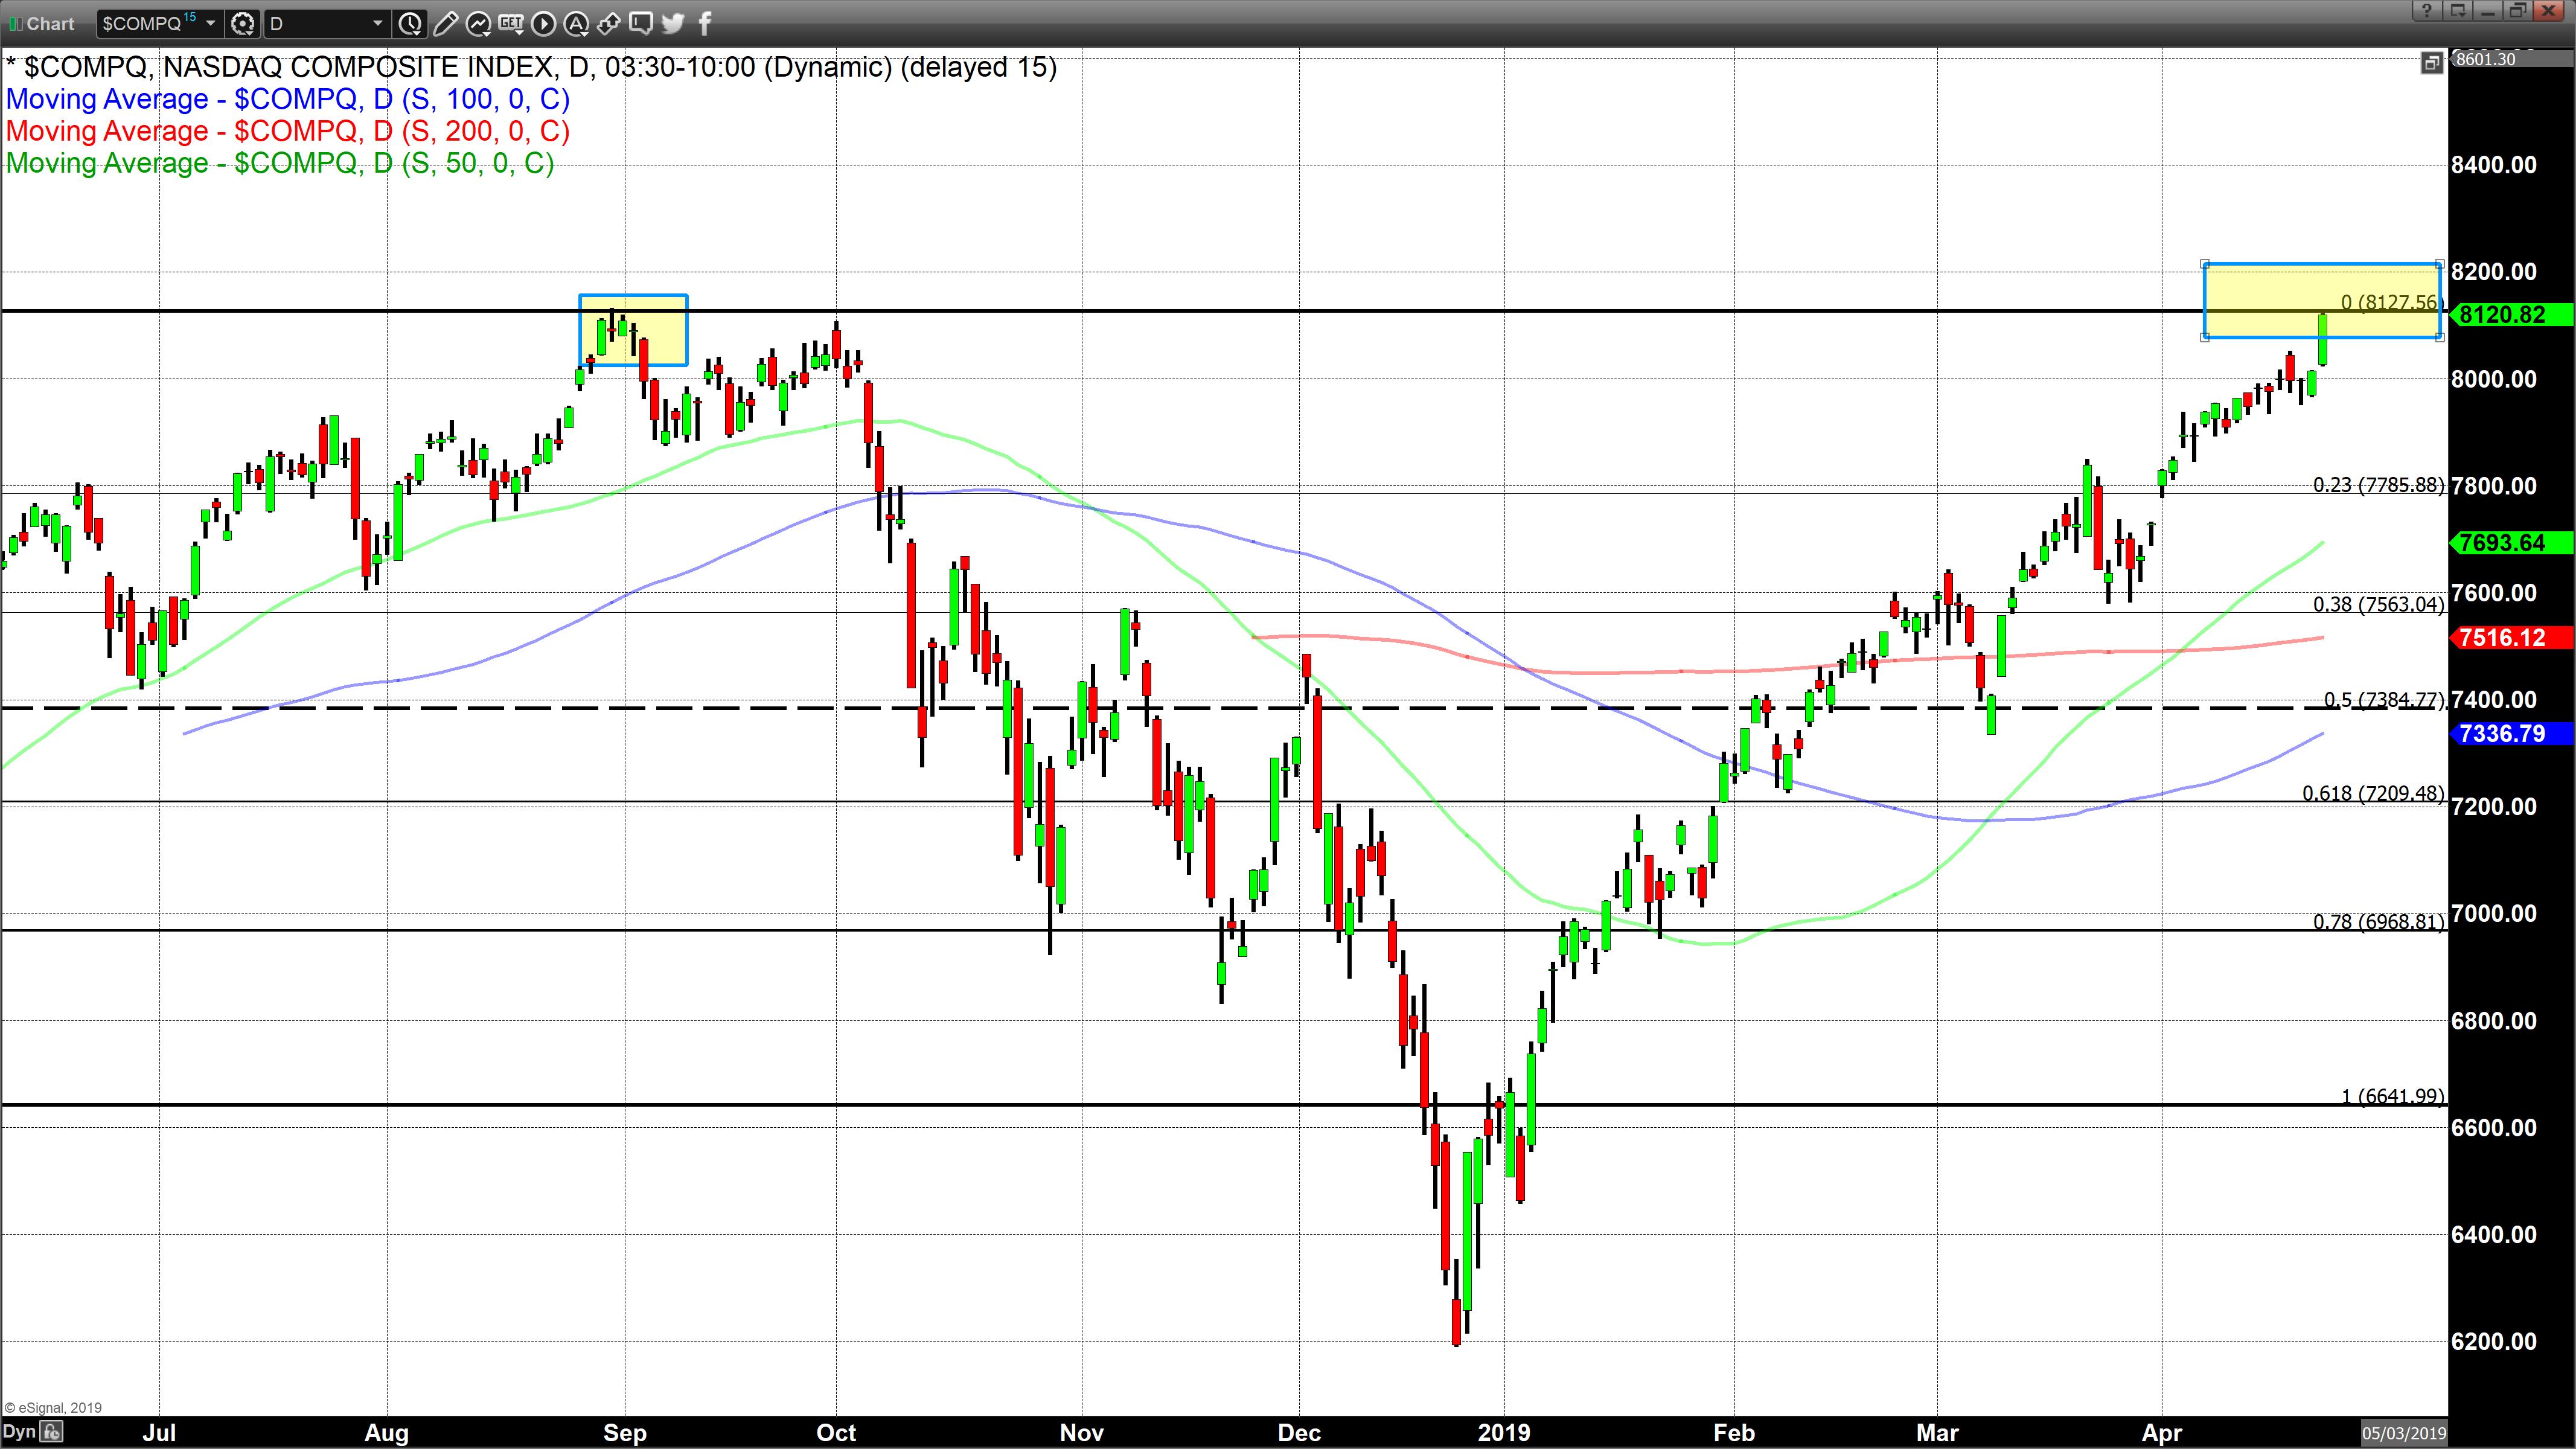 NASDAQ And S&P 500 Close At Record Highs | Kitco News